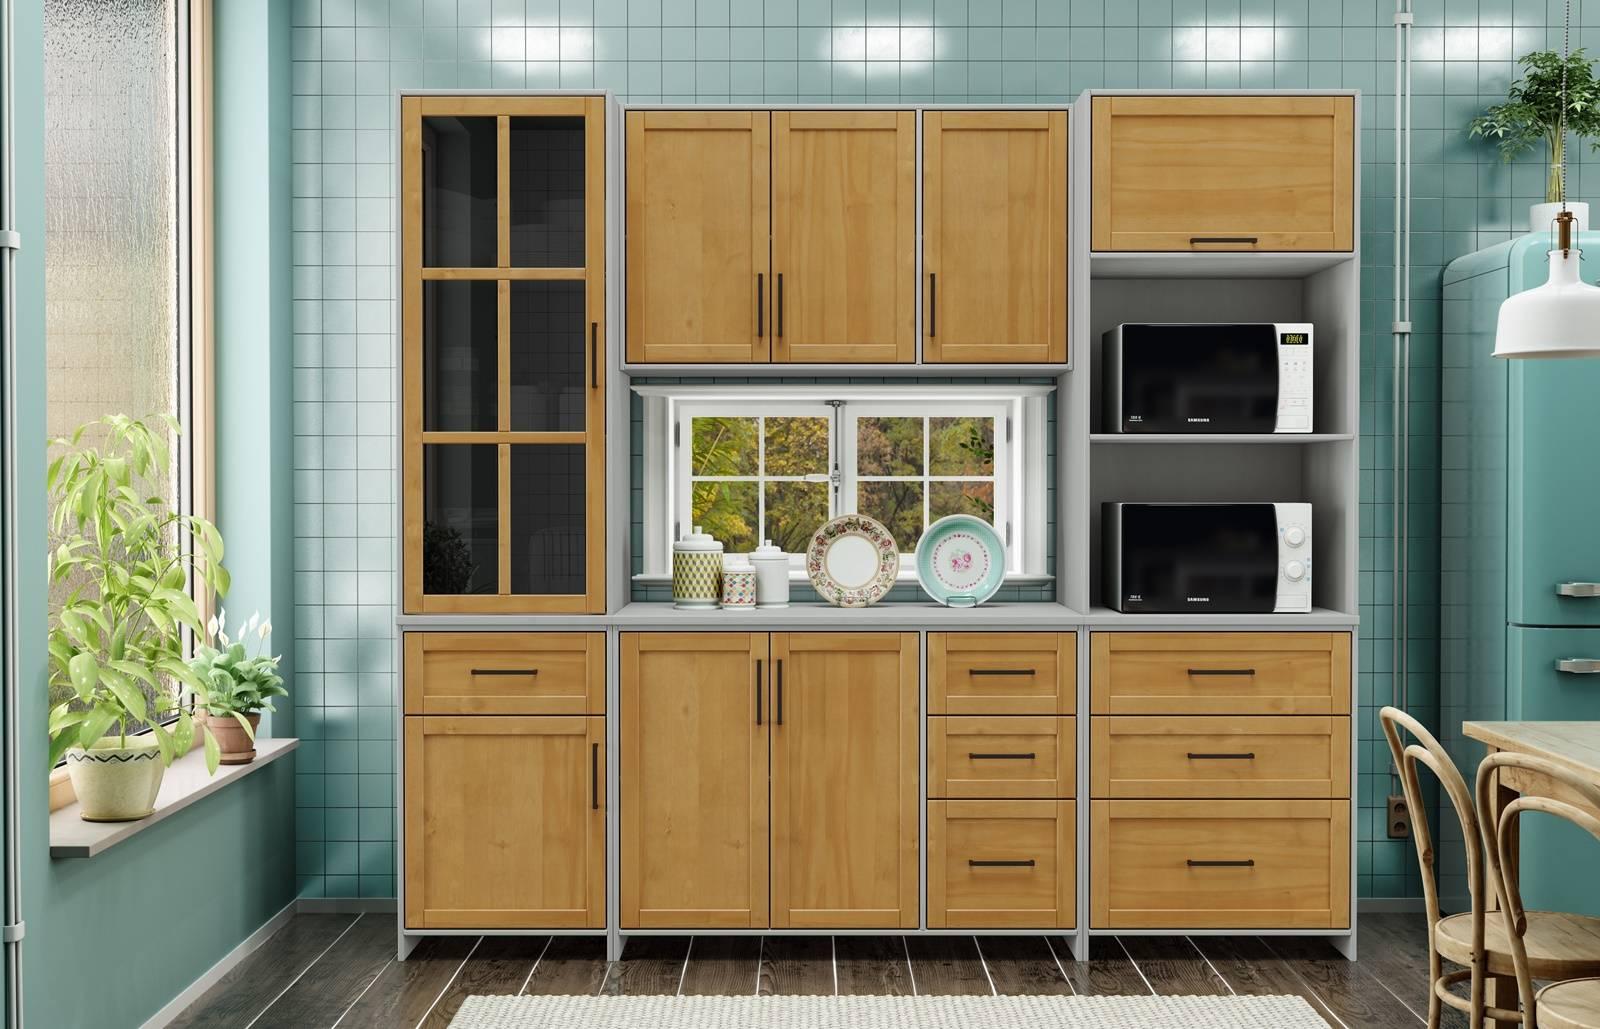 Cozinha Compacta Cristal com 5 Módulos - Madeira Maciça -  Cinza/Carvalho